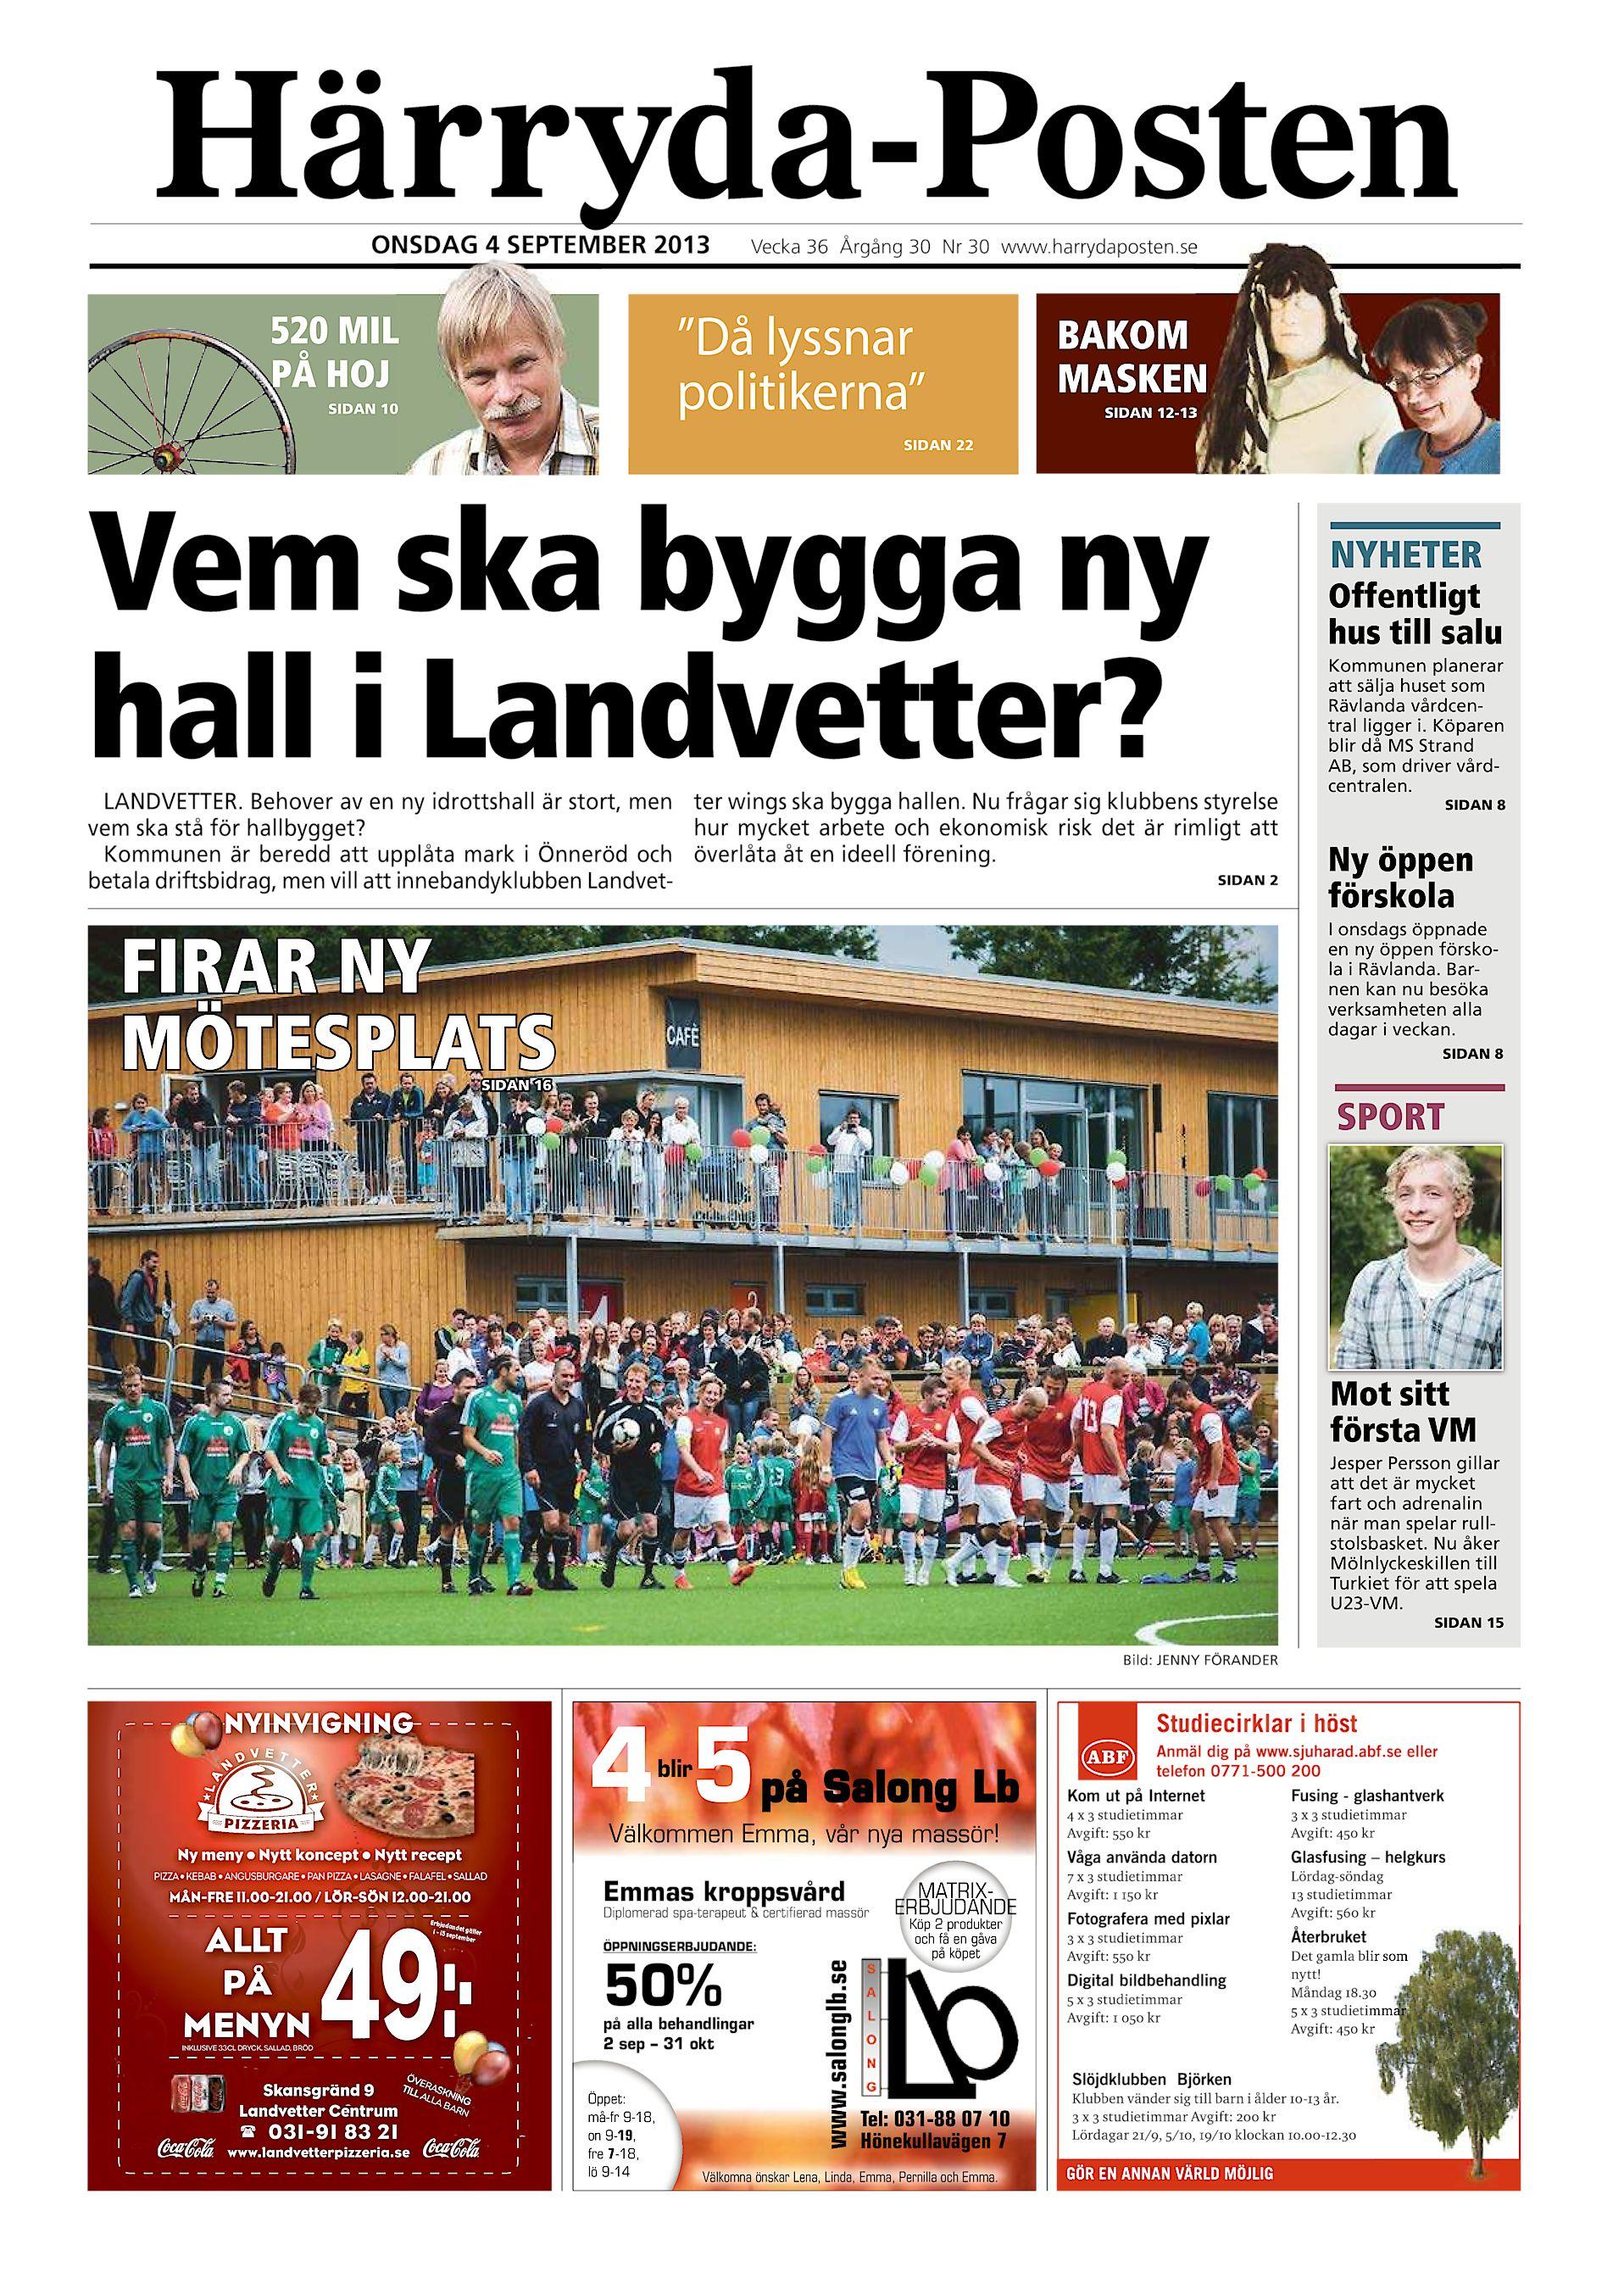 Hrrydaposten / Partille Tidning HP-2013-09-11 (endast text)